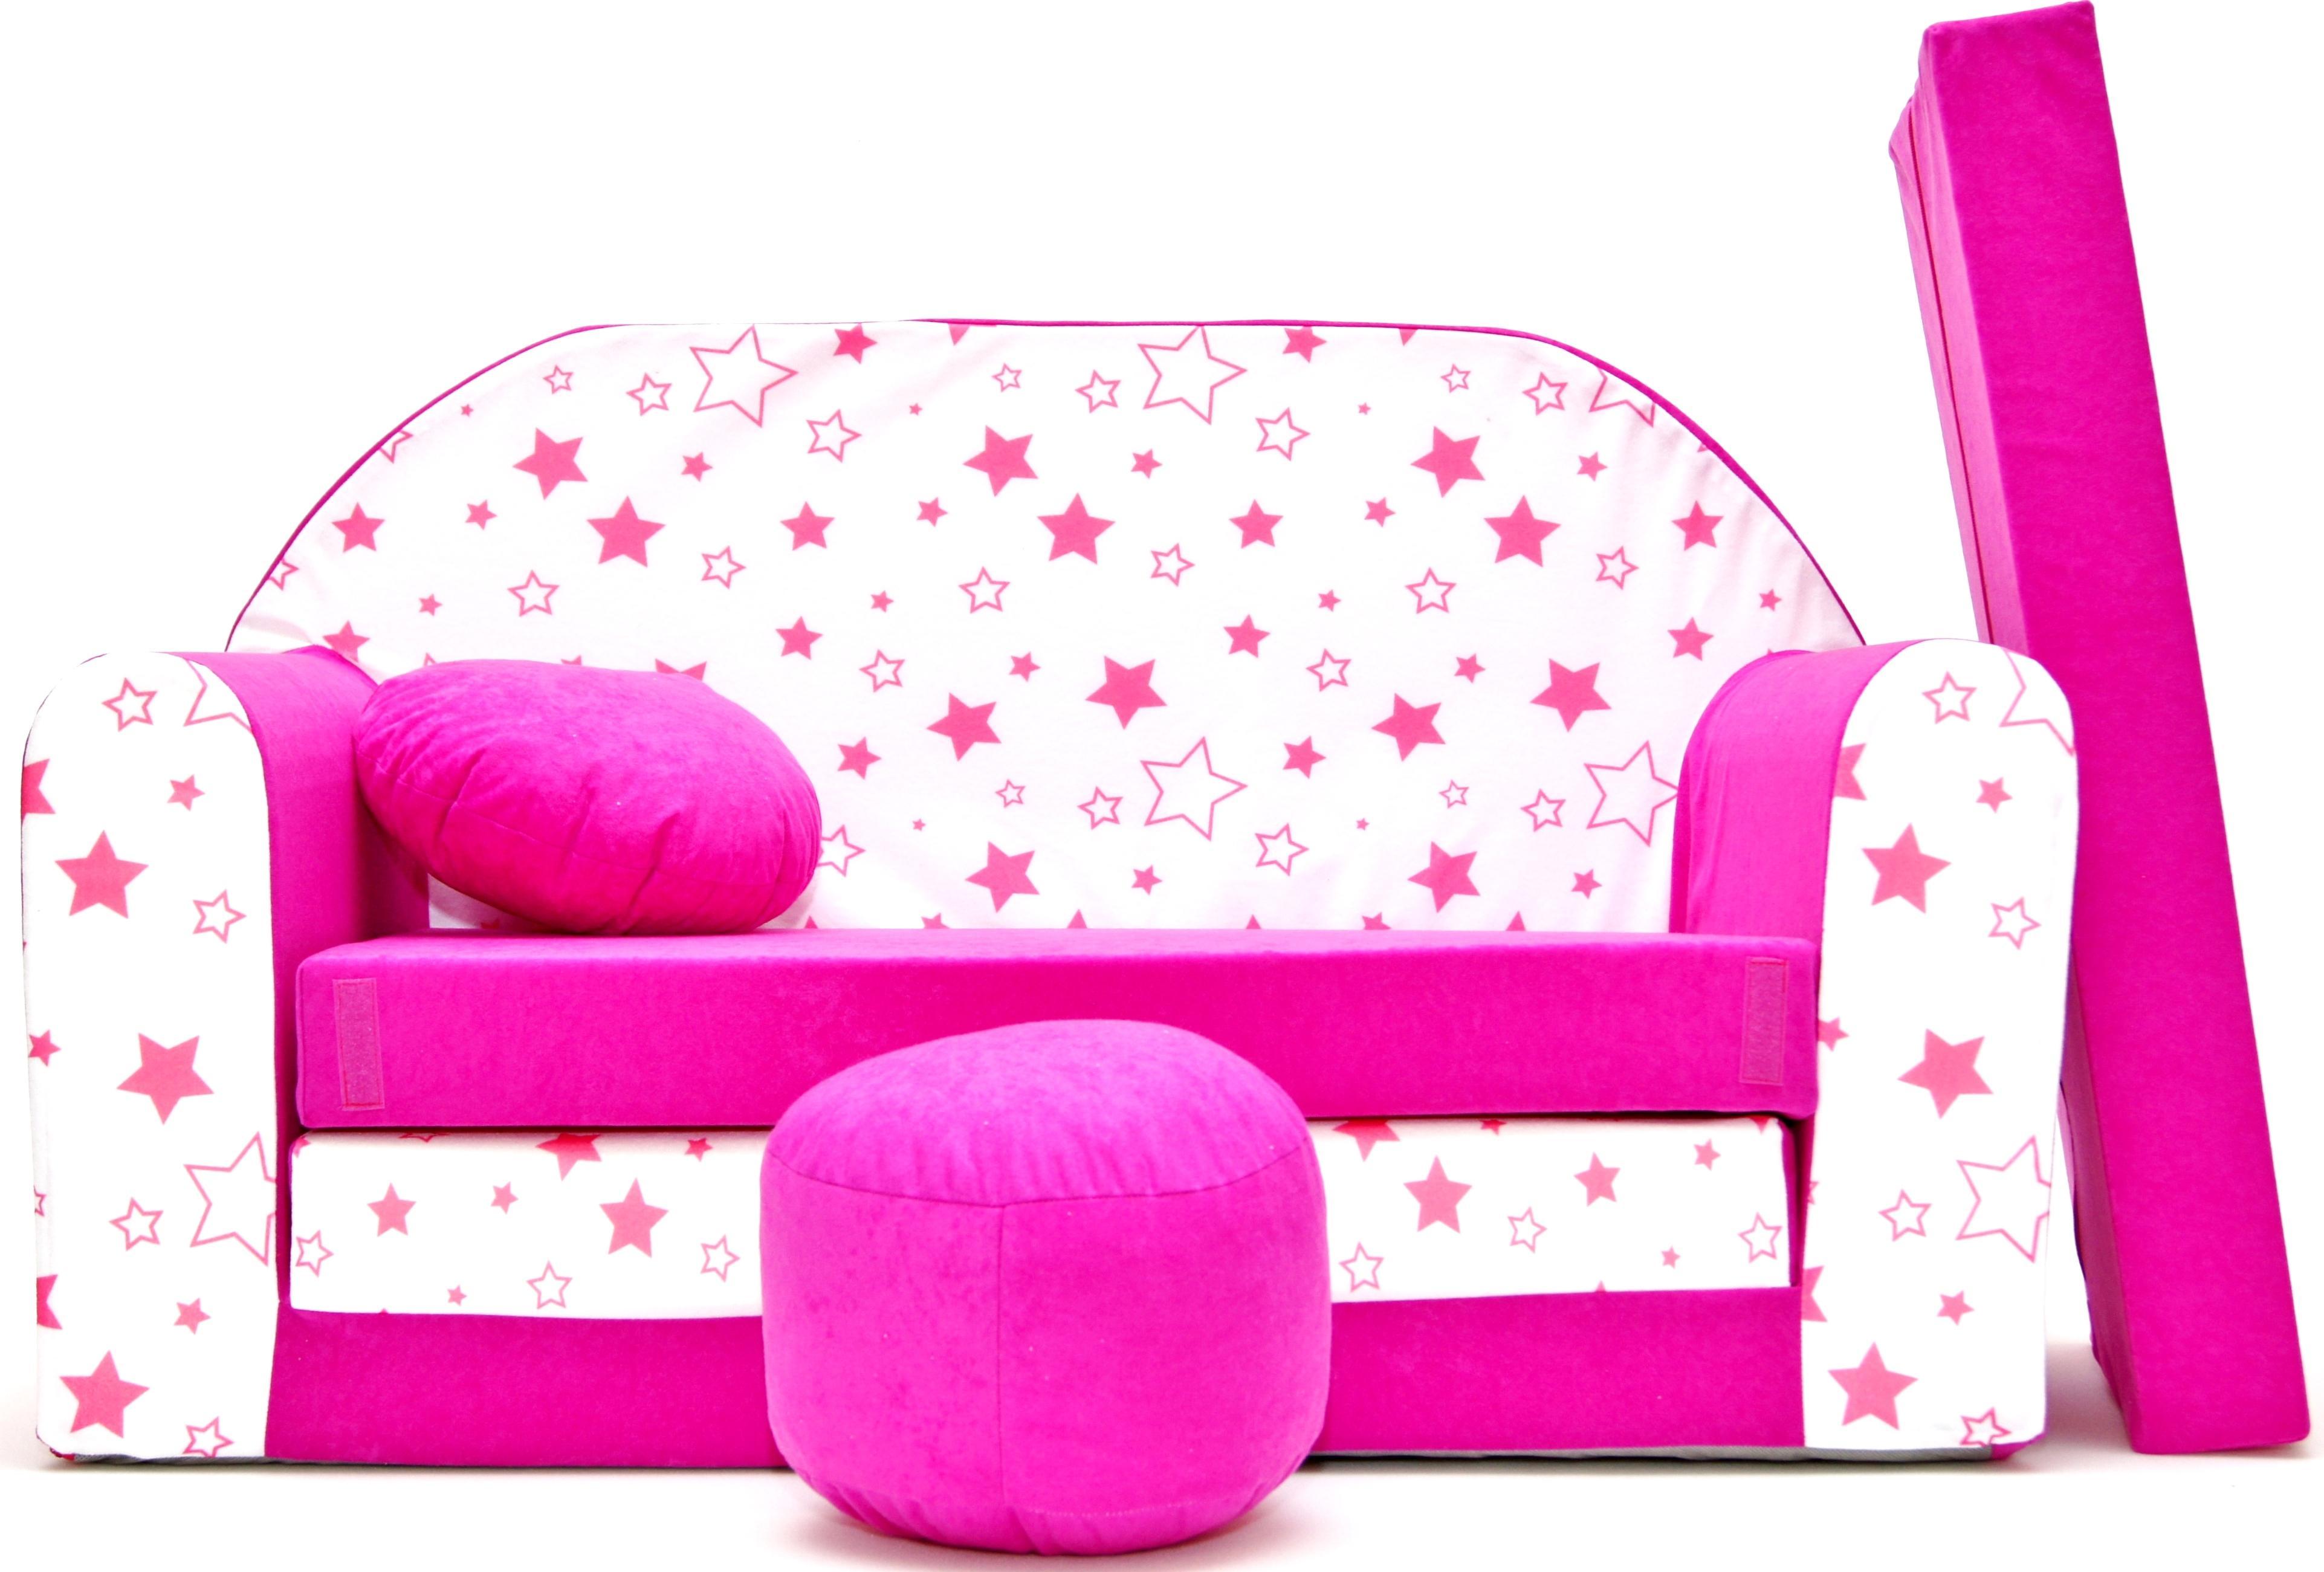 MAXMAX Detská pohovka HVIEZDIČKY 3 - ružová